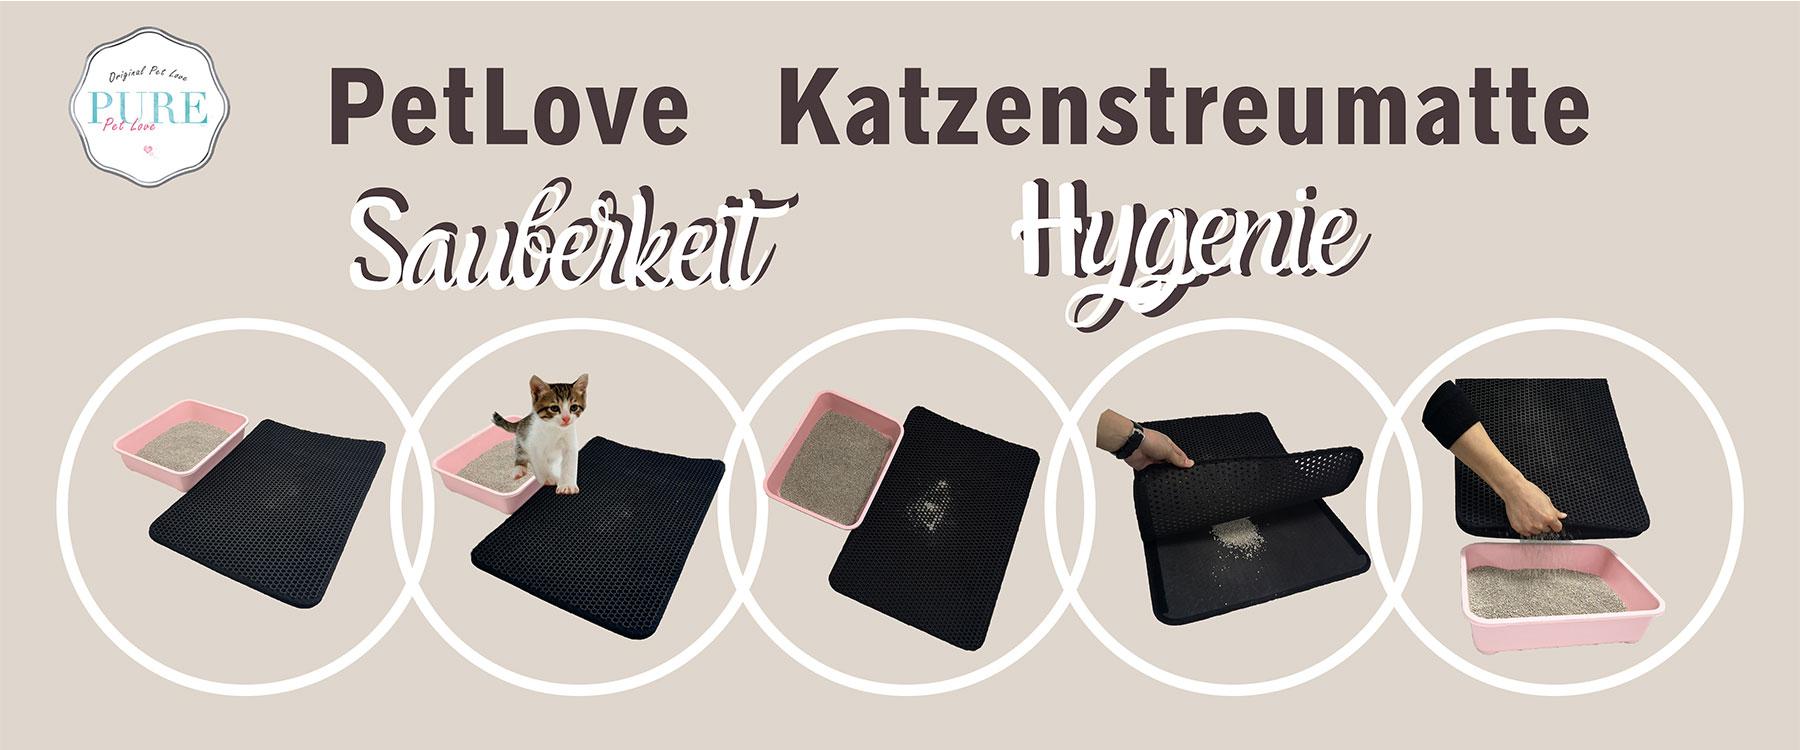 PetLove Katzenstreumatte